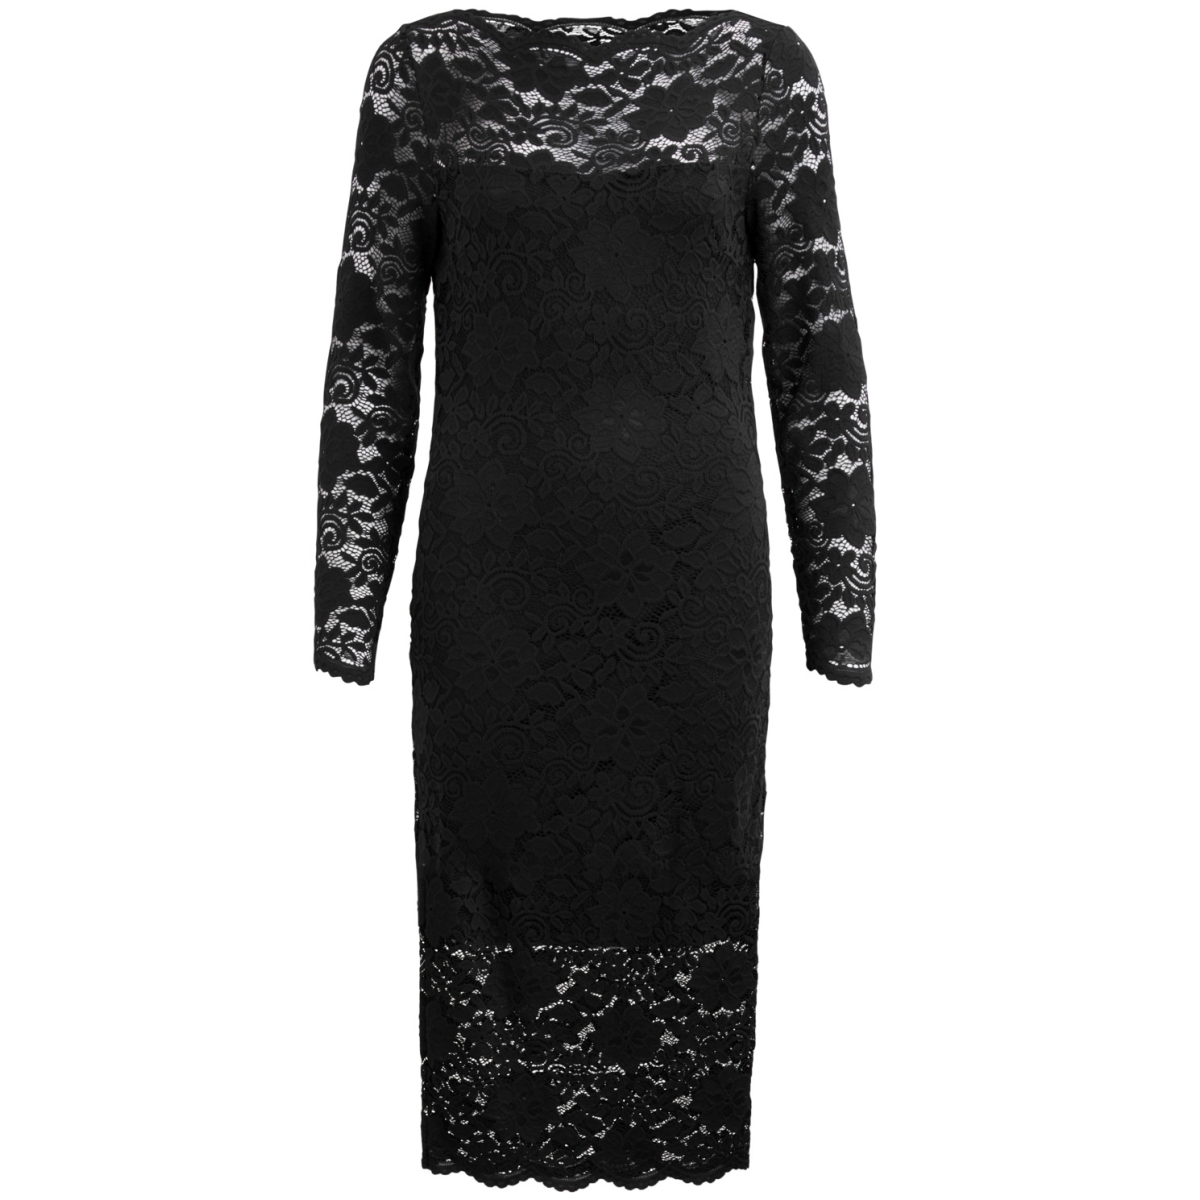 vigrit l/s dress/1 14044605 vila jurk black